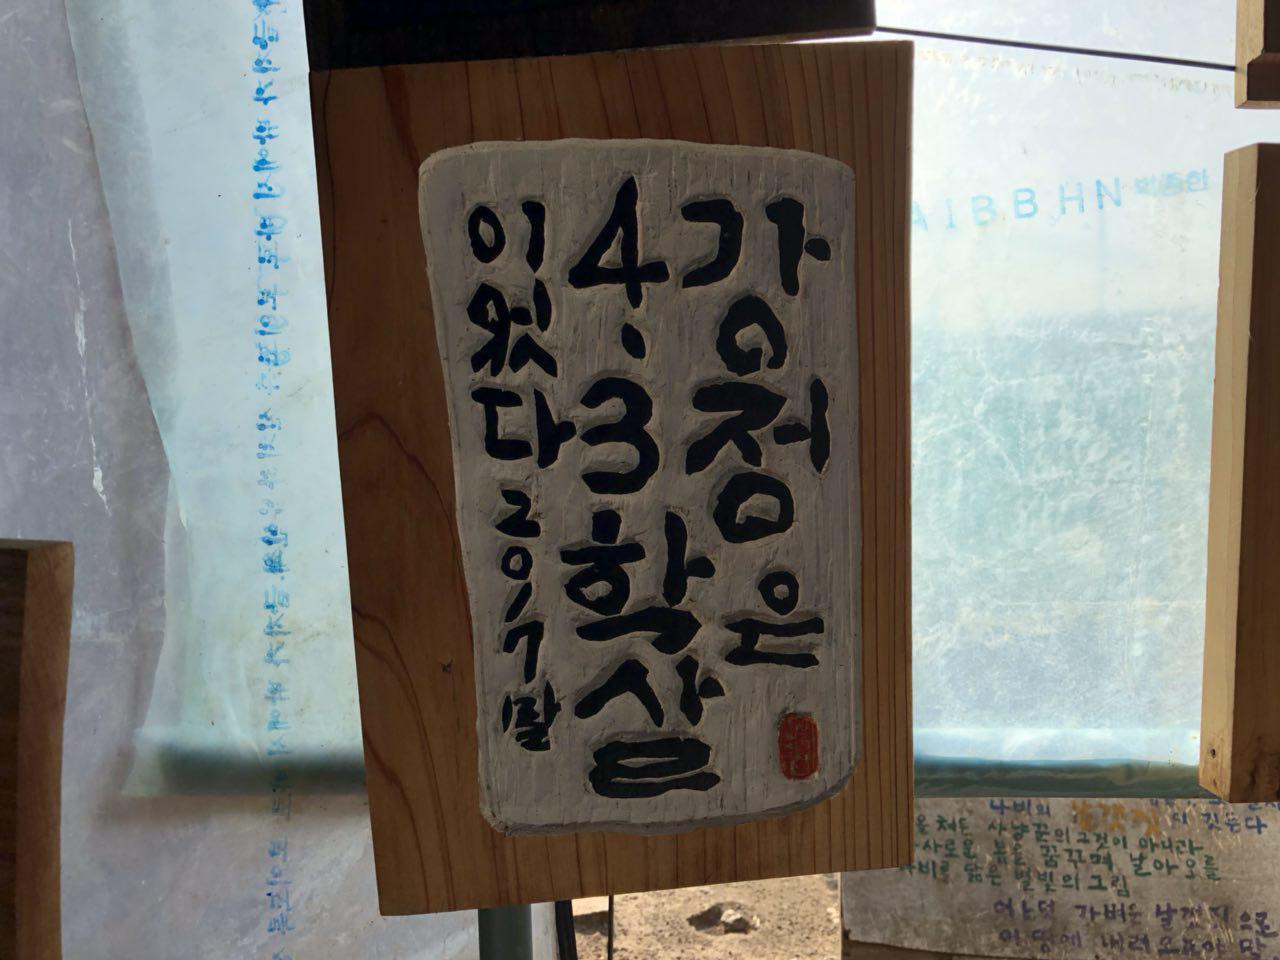 강정 마을 삼거리 식당에 걸려 있는 문구.